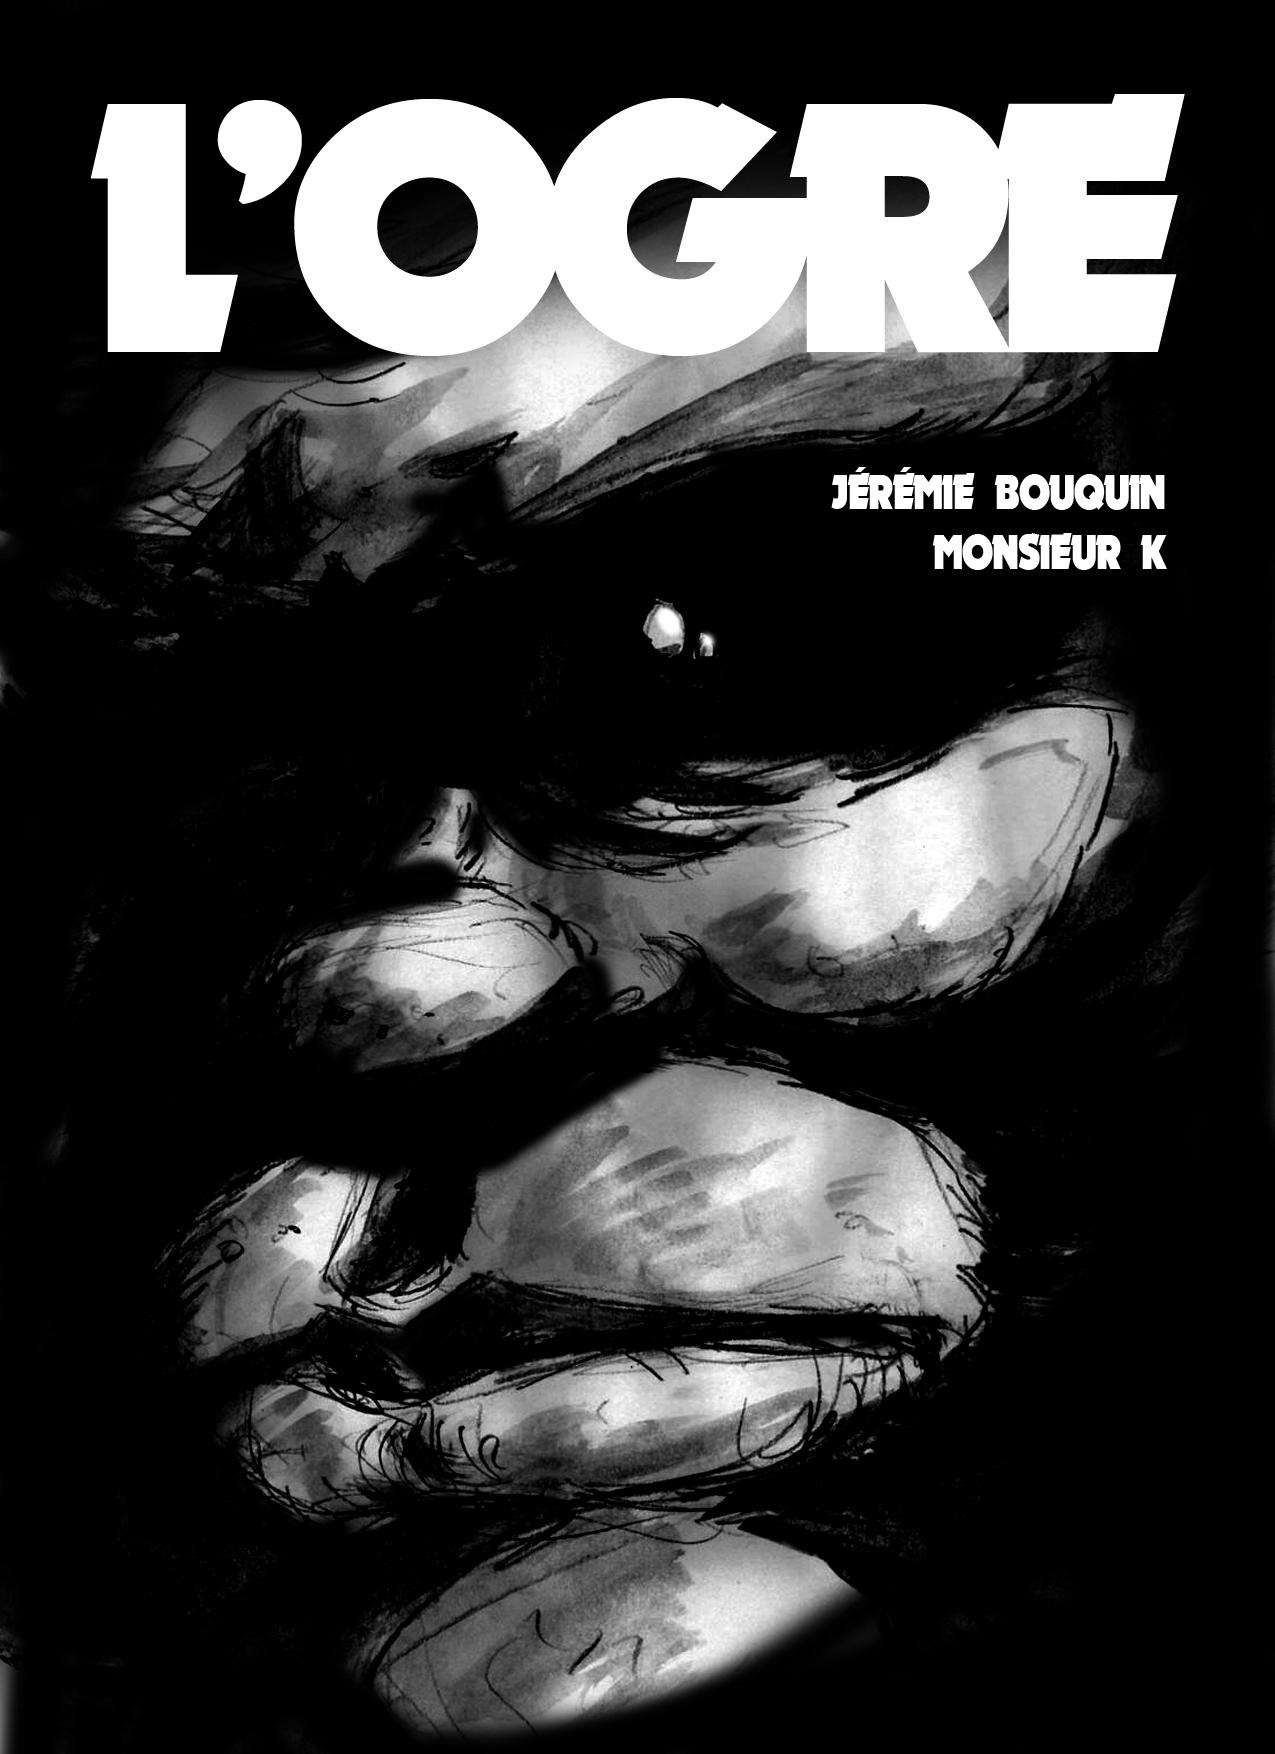 Couverture de la bande-dessinée l'ogre